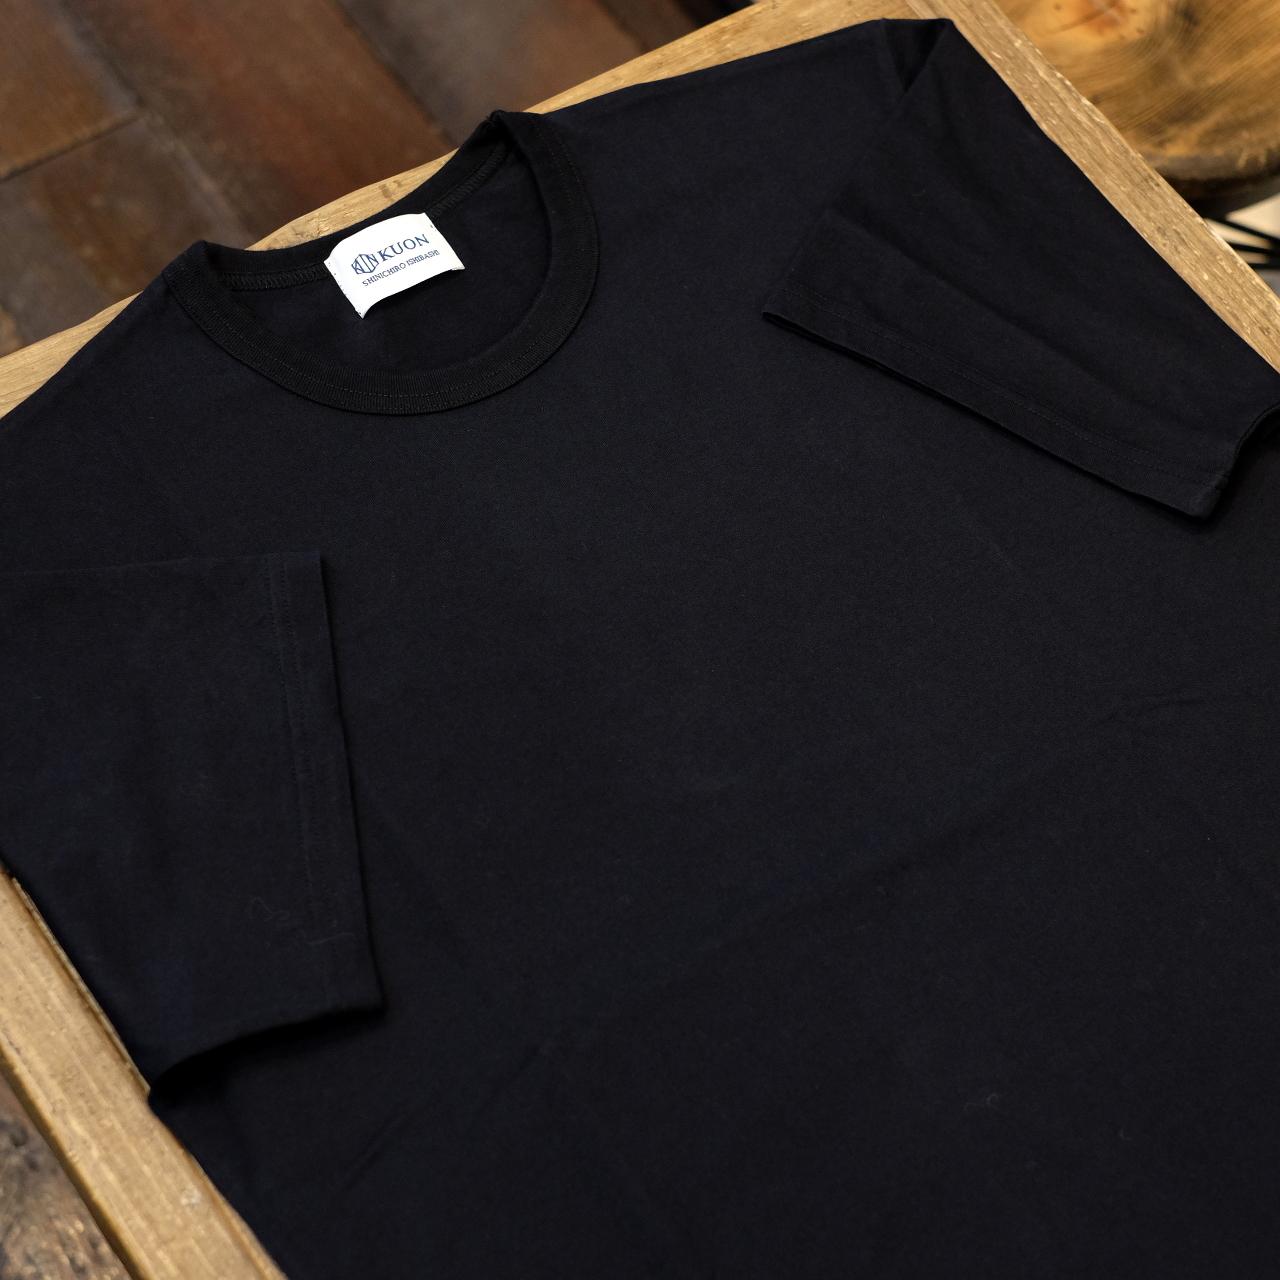 KUON(クオン) 裾裂織りトリミング 半袖Tシャツ ブラック